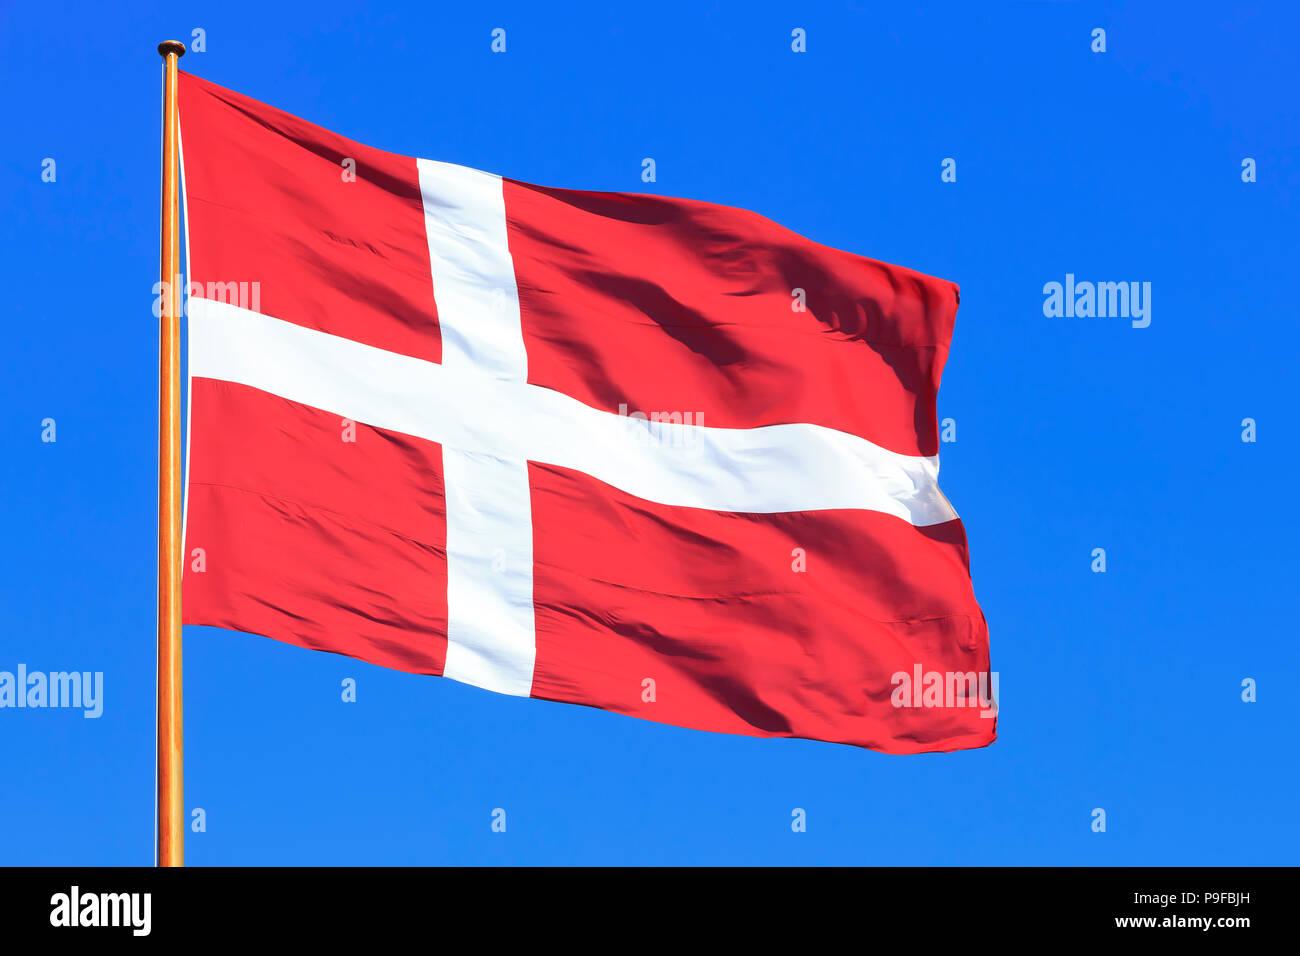 The national flag of Denmark (Dannebrog), flying high over Copenhagen, Denmark - Stock Image